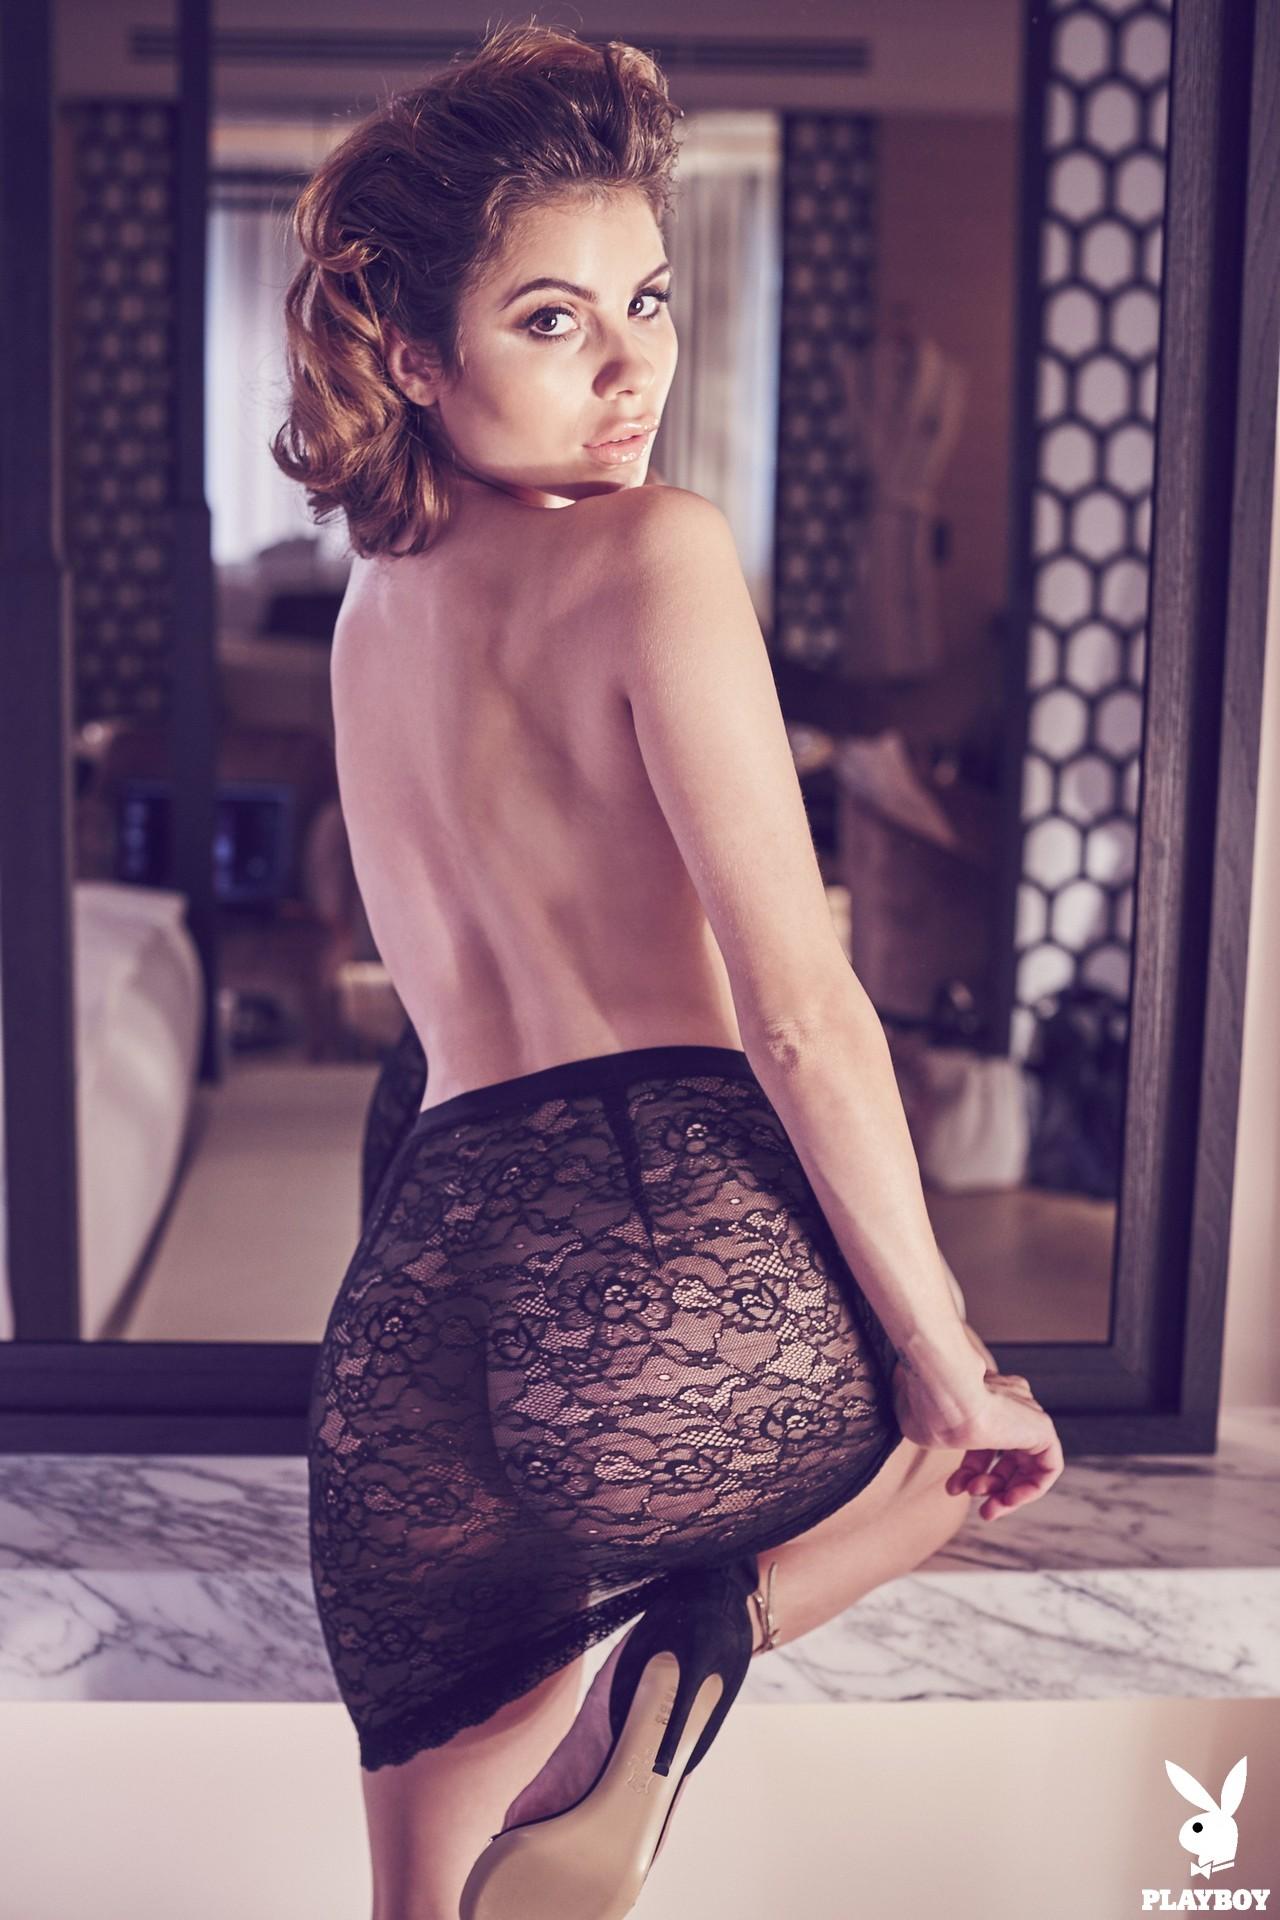 Chiara Arrighi in Playboy Germany Vol. 3 - Playboy Plus 6